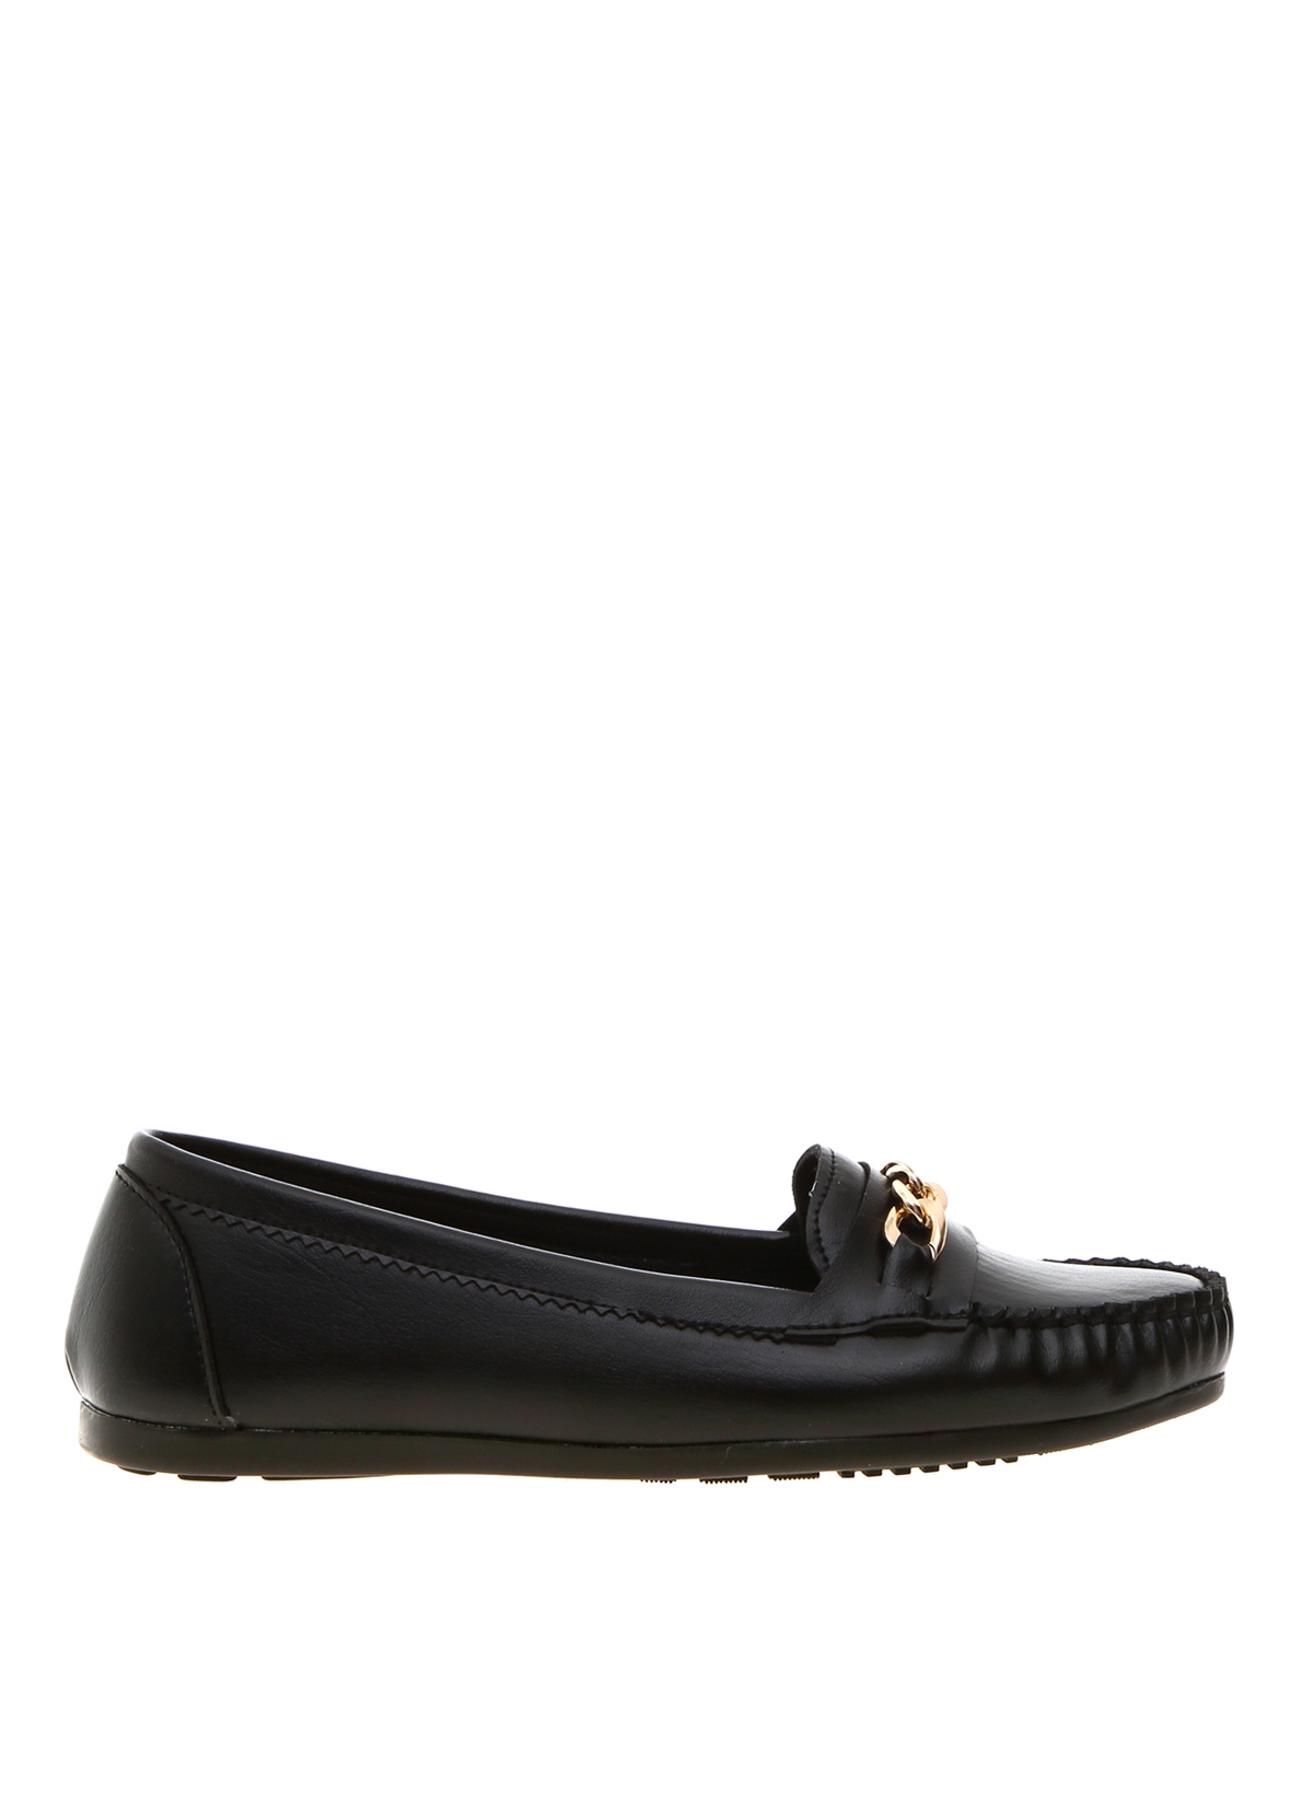 Penford Düz Ayakkabı 40 5001911267005 Ürün Resmi